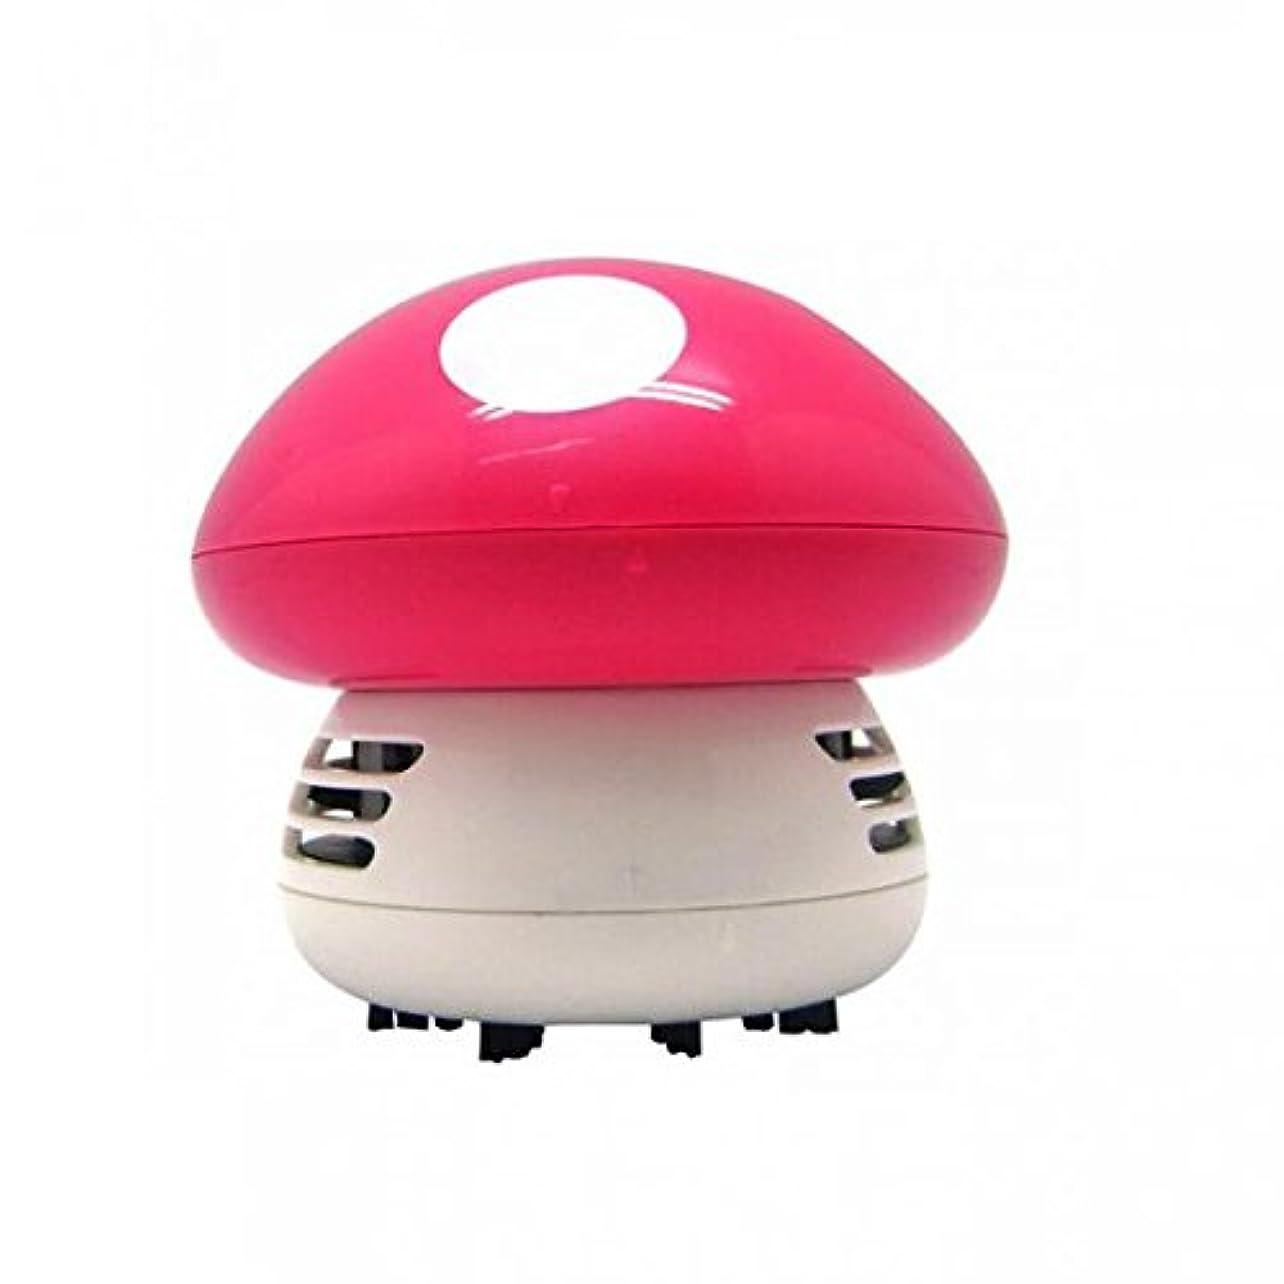 冷凍庫あまりにもリハーサル小型 掃除機 テーブル キノコ デザイン 全5色選べる - ピンク